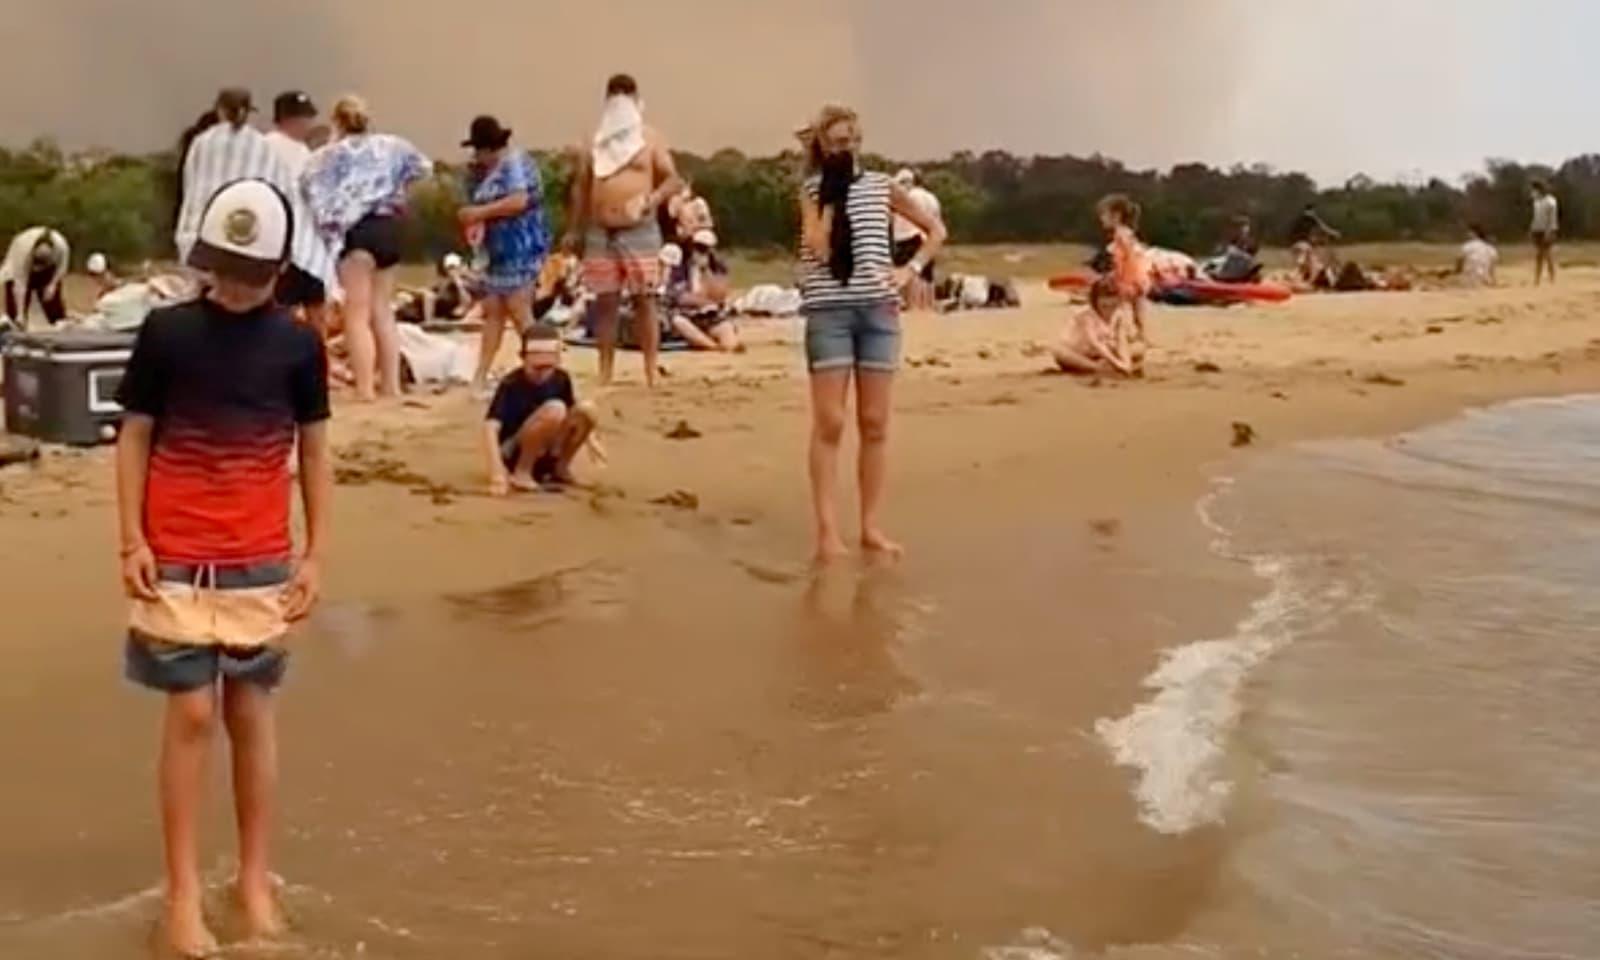 جان بچانے کیلئے سیاح اور مقامی افراد ساحل پر موجود ہیں —فوٹو:رائٹرز